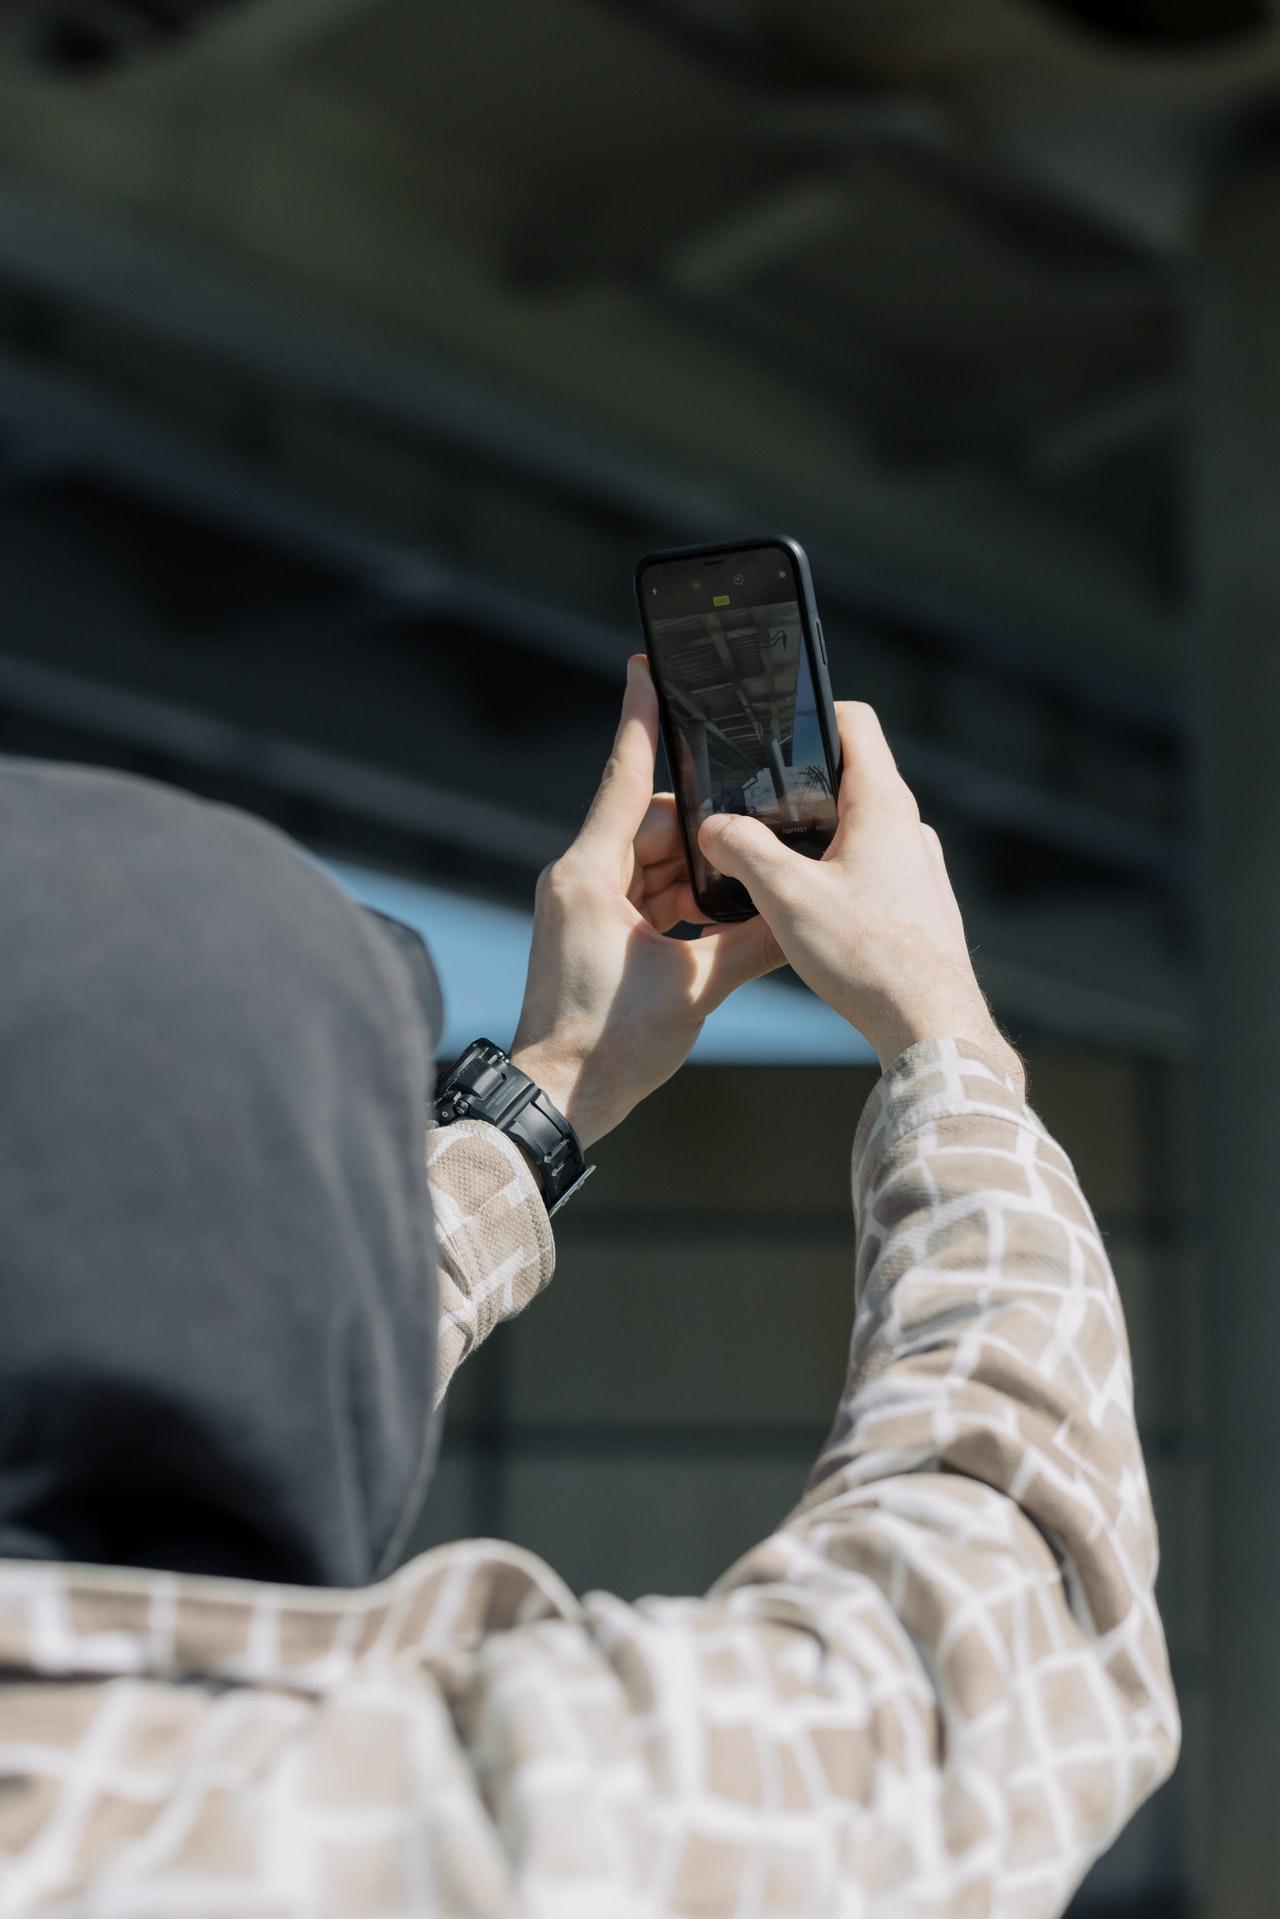 Aalborg mobilcovers webshop udvider med gigantisk lager